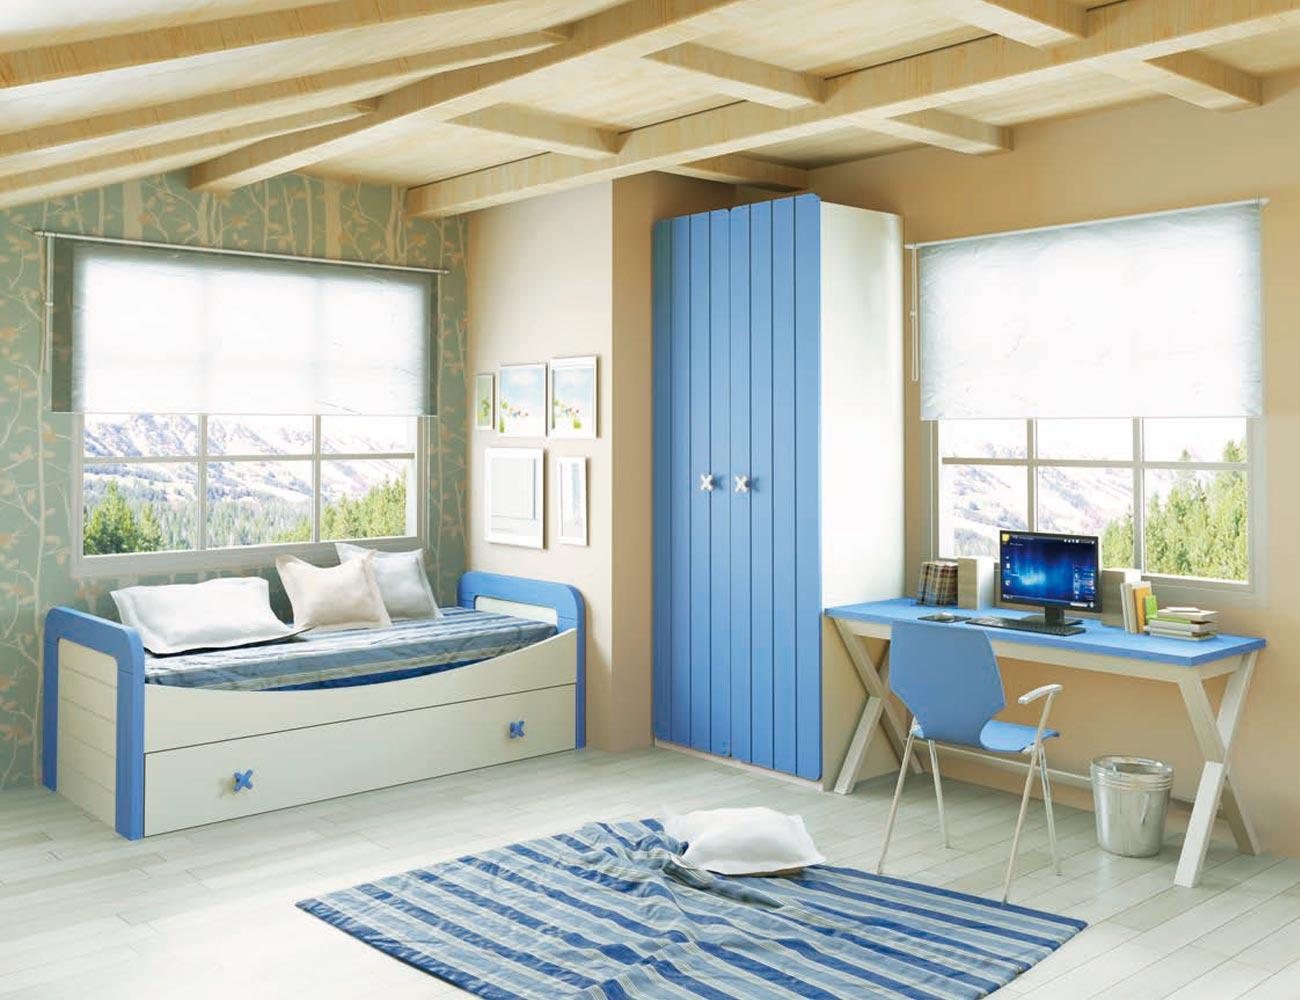 Dormitorio juvenil en madera con cama nido con dos camas - Dormitorio juvenil con dos camas ...